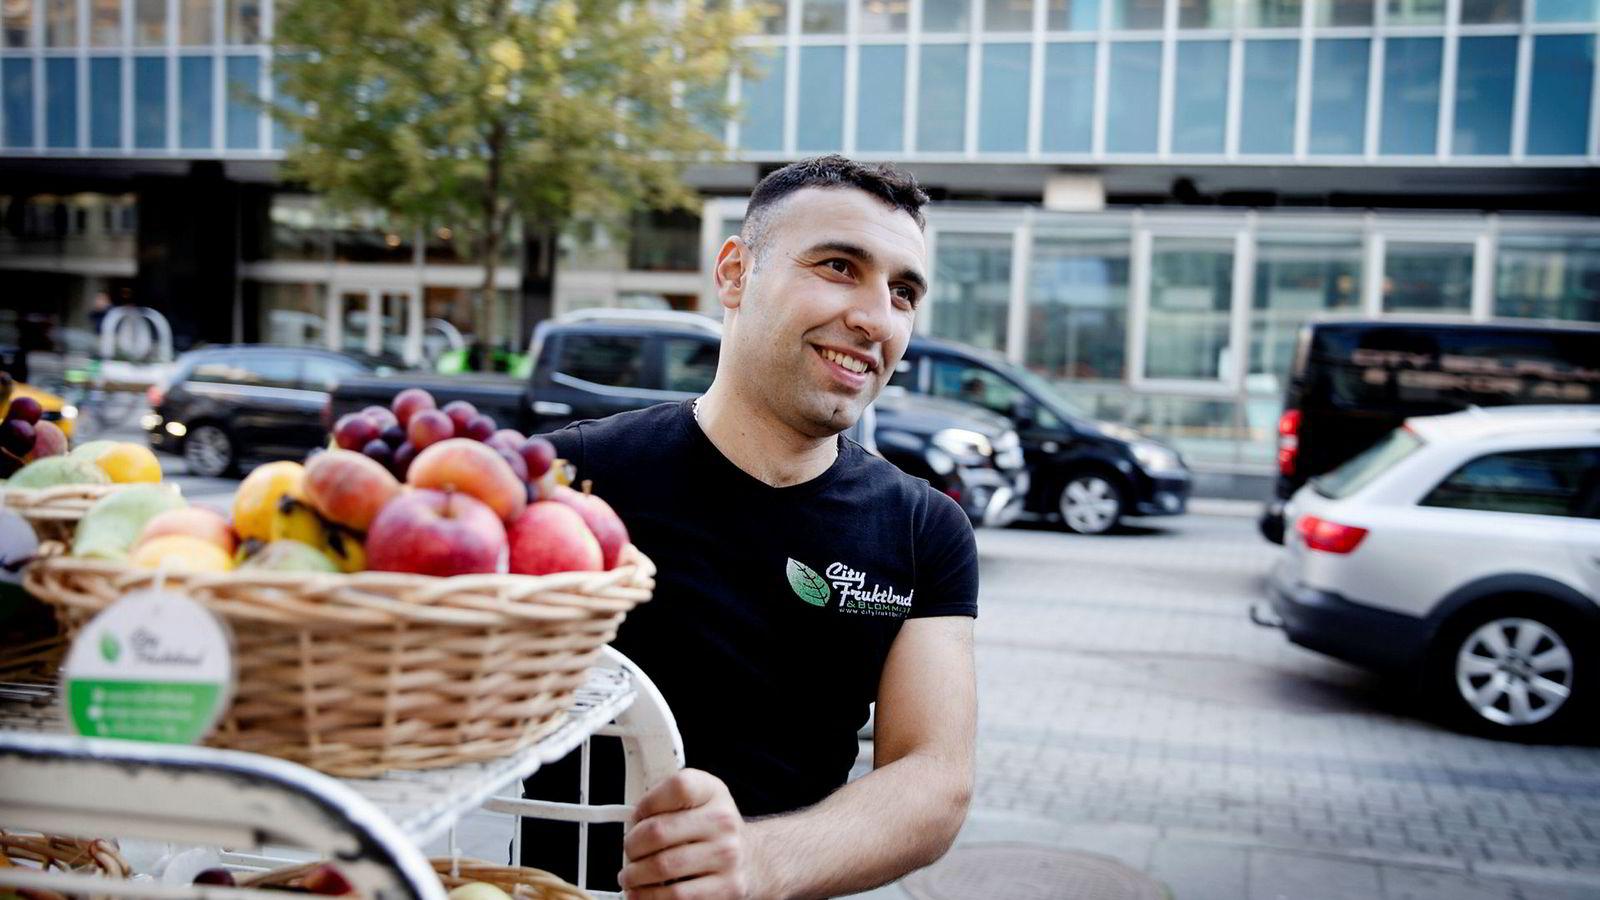 Ramazan Korkmaz (28) var på jobb mandag morgen, hvor han leverte frukt til bedrifter på Vasagatan. Foto: Jan Johannessen